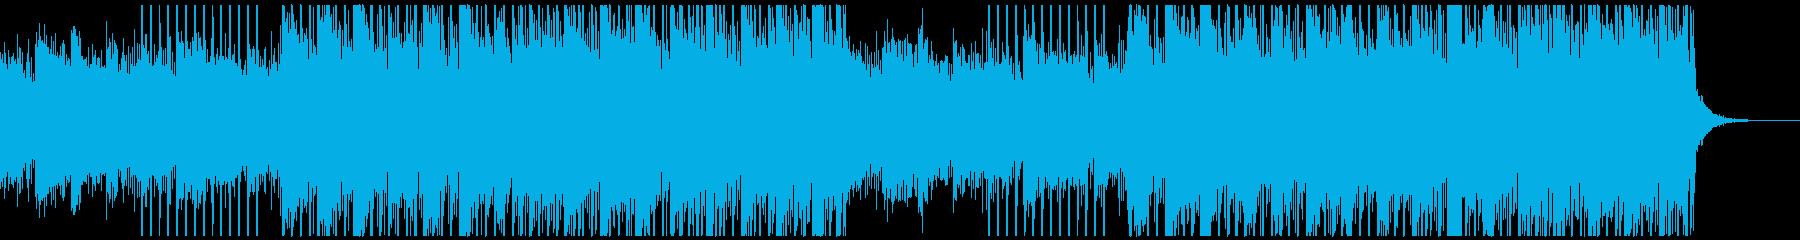 印象的なピアノ/企業VP系05aの再生済みの波形